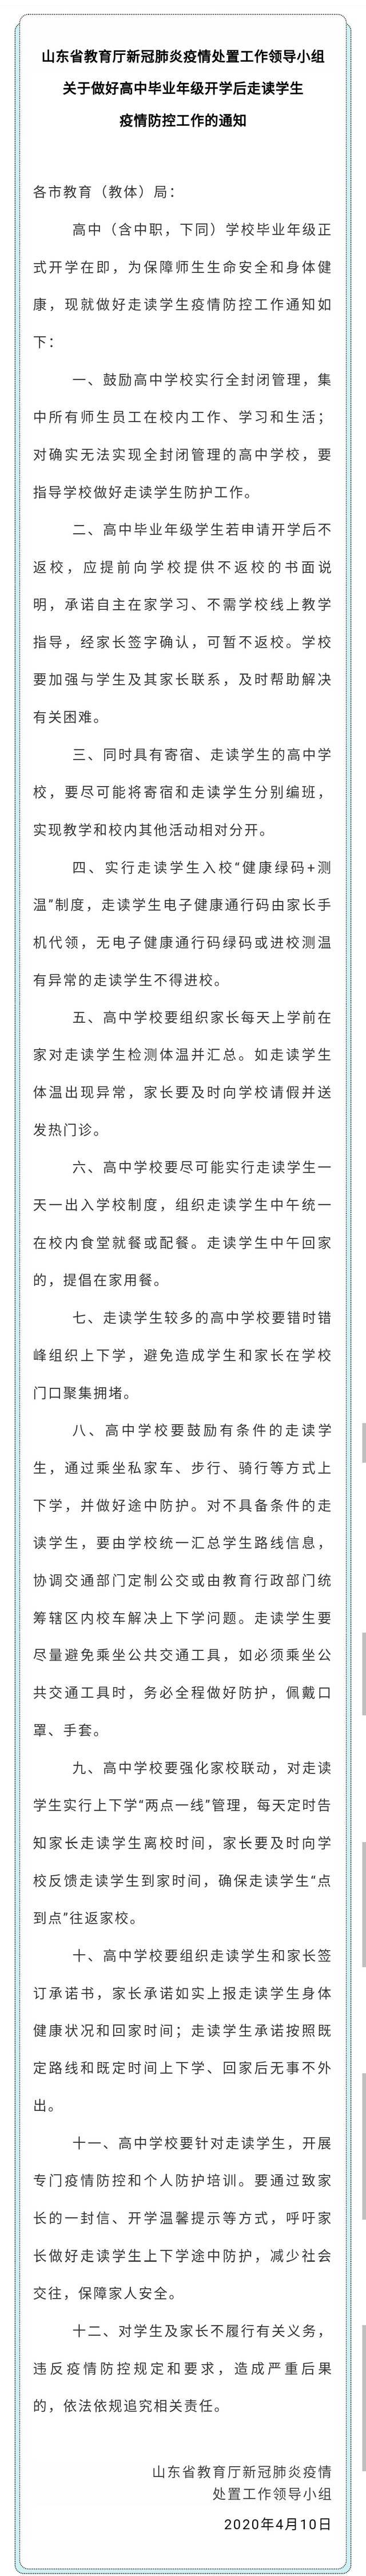 山东省教育厅:高三学生可申请开学后暂不返校